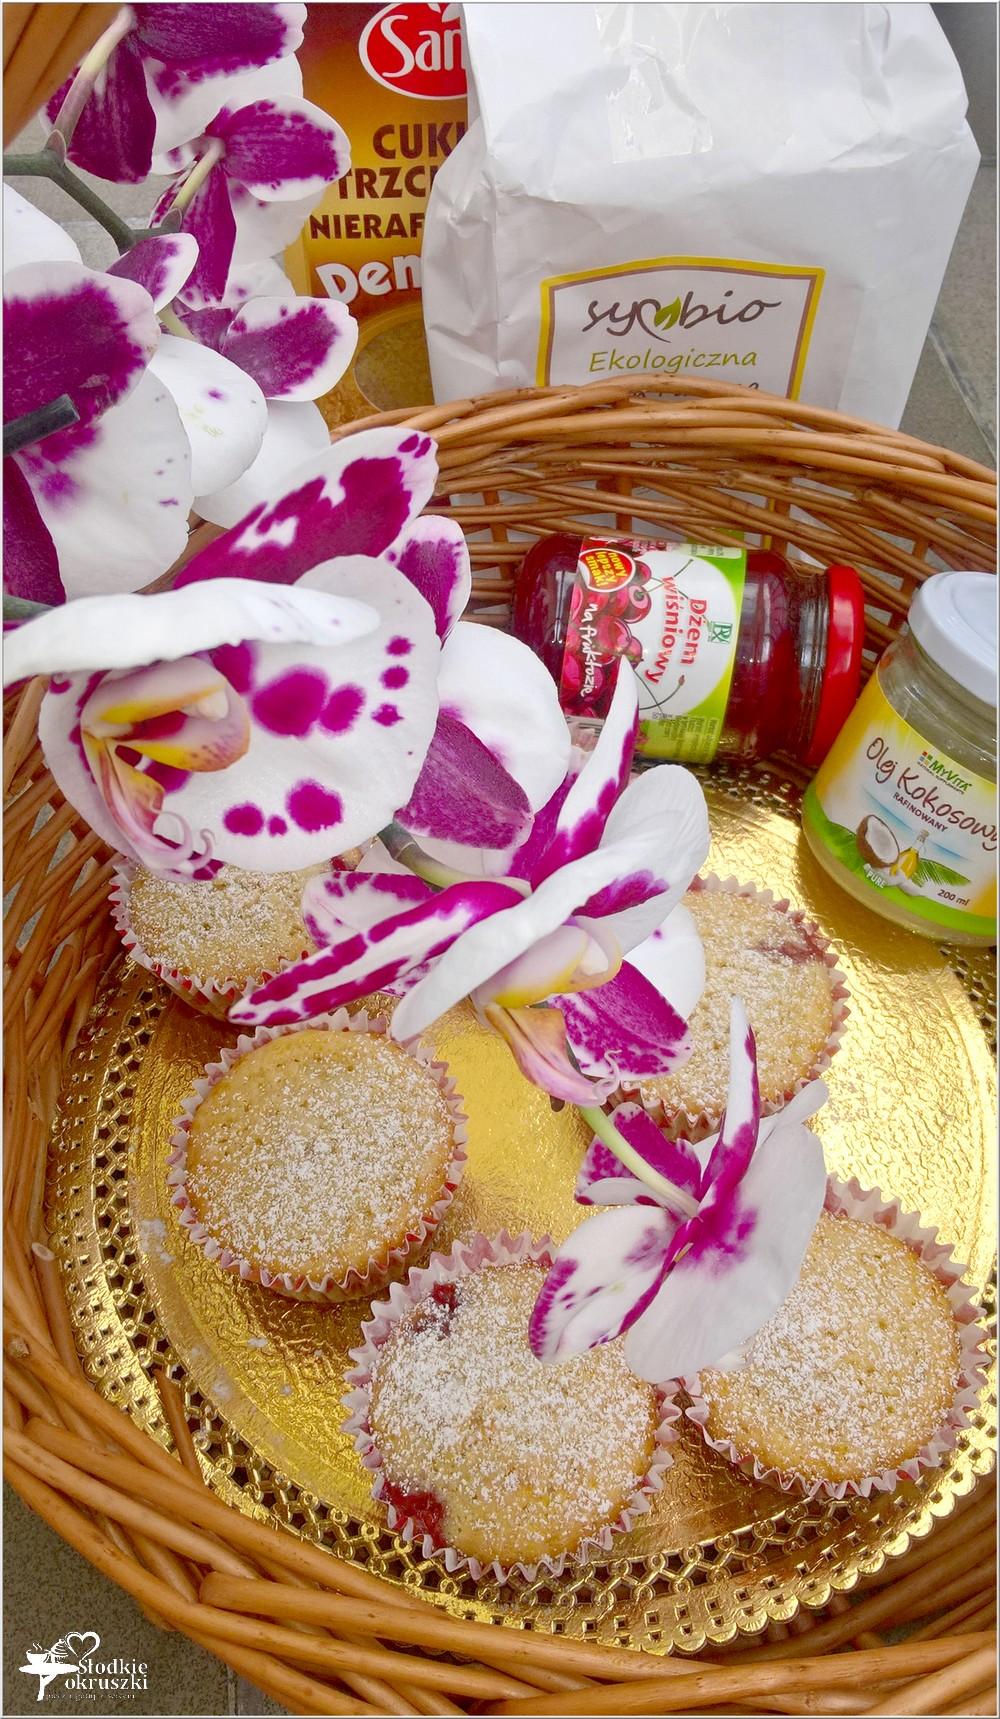 Babeczki na oleju kokosowym z wiśniową niespodzianką (2)